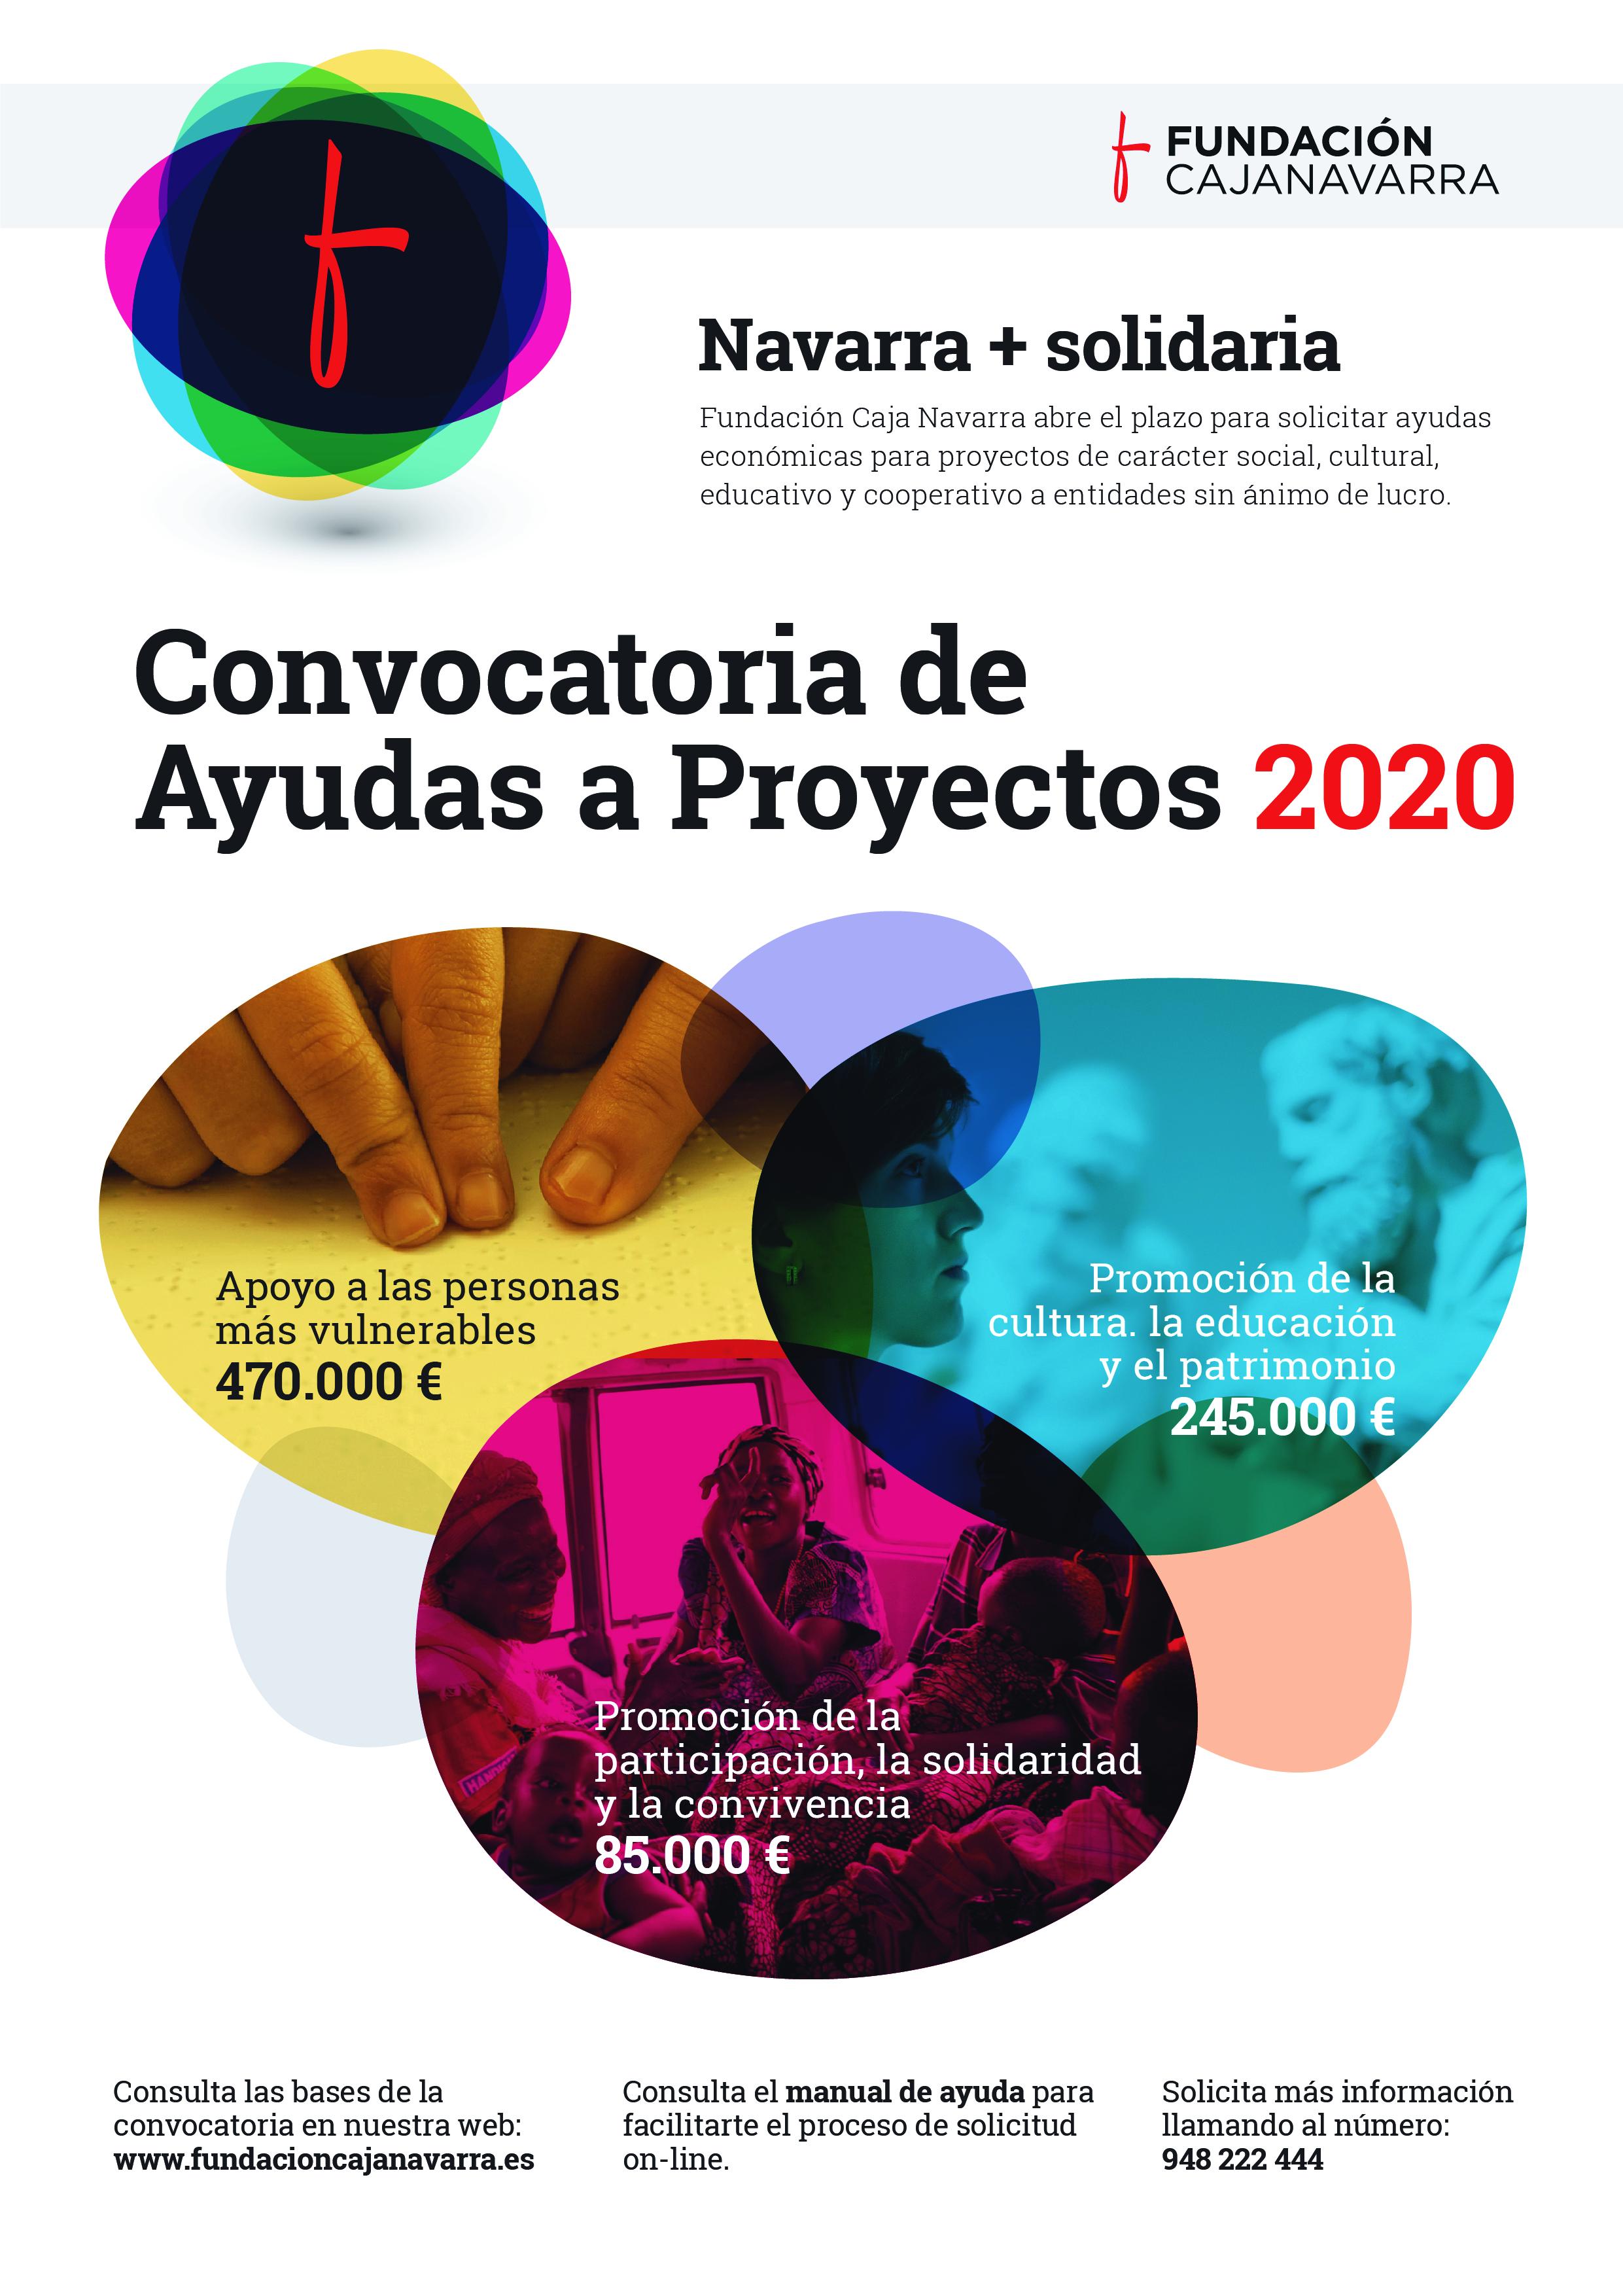 Convocatorias de Ayudas 2020